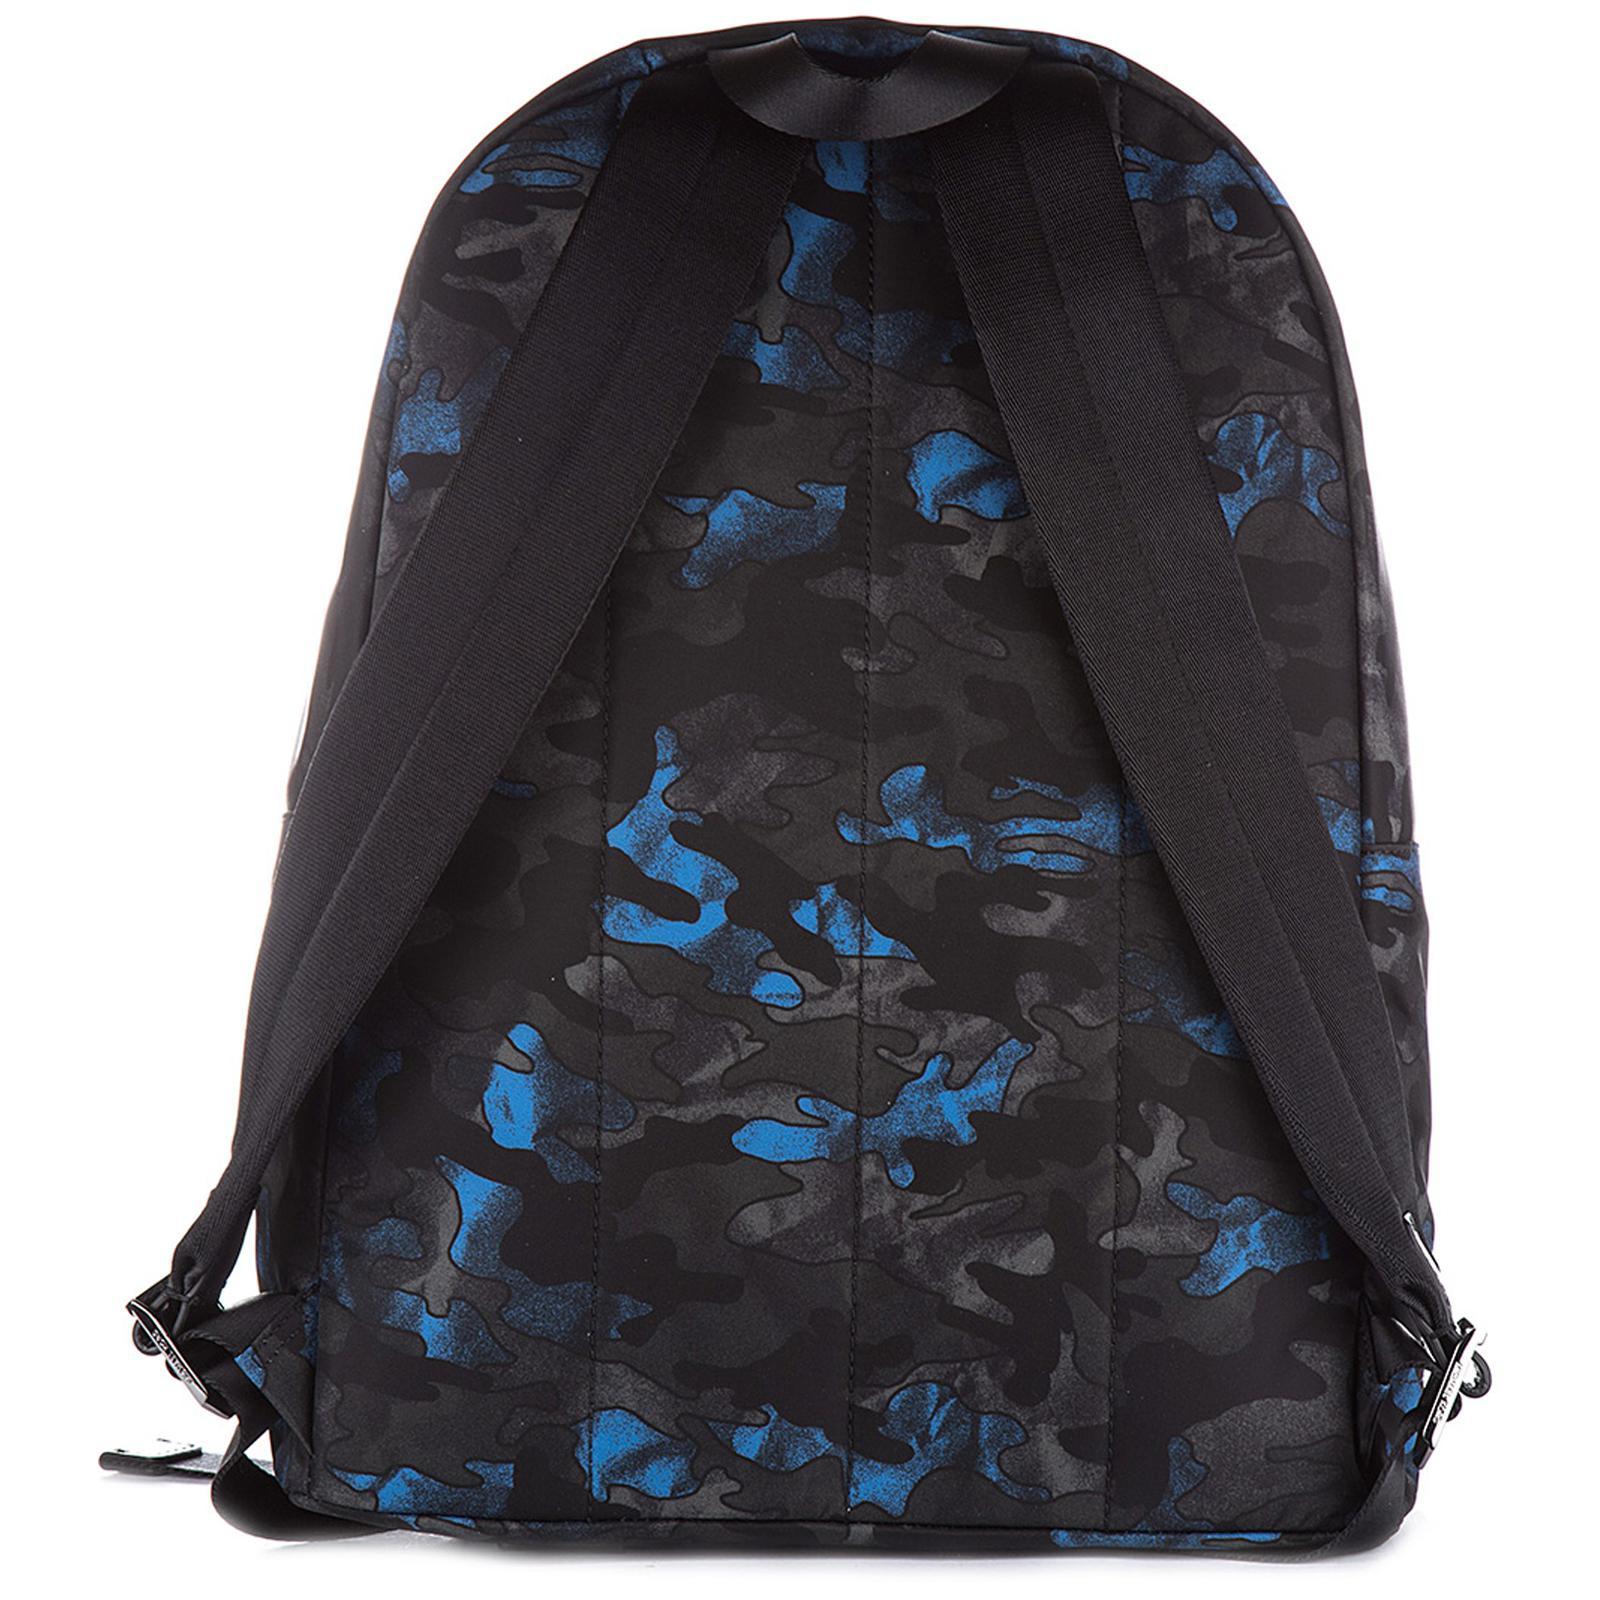 Michael Kors Synthetic Nylon Rucksack Backpack Travel Kent